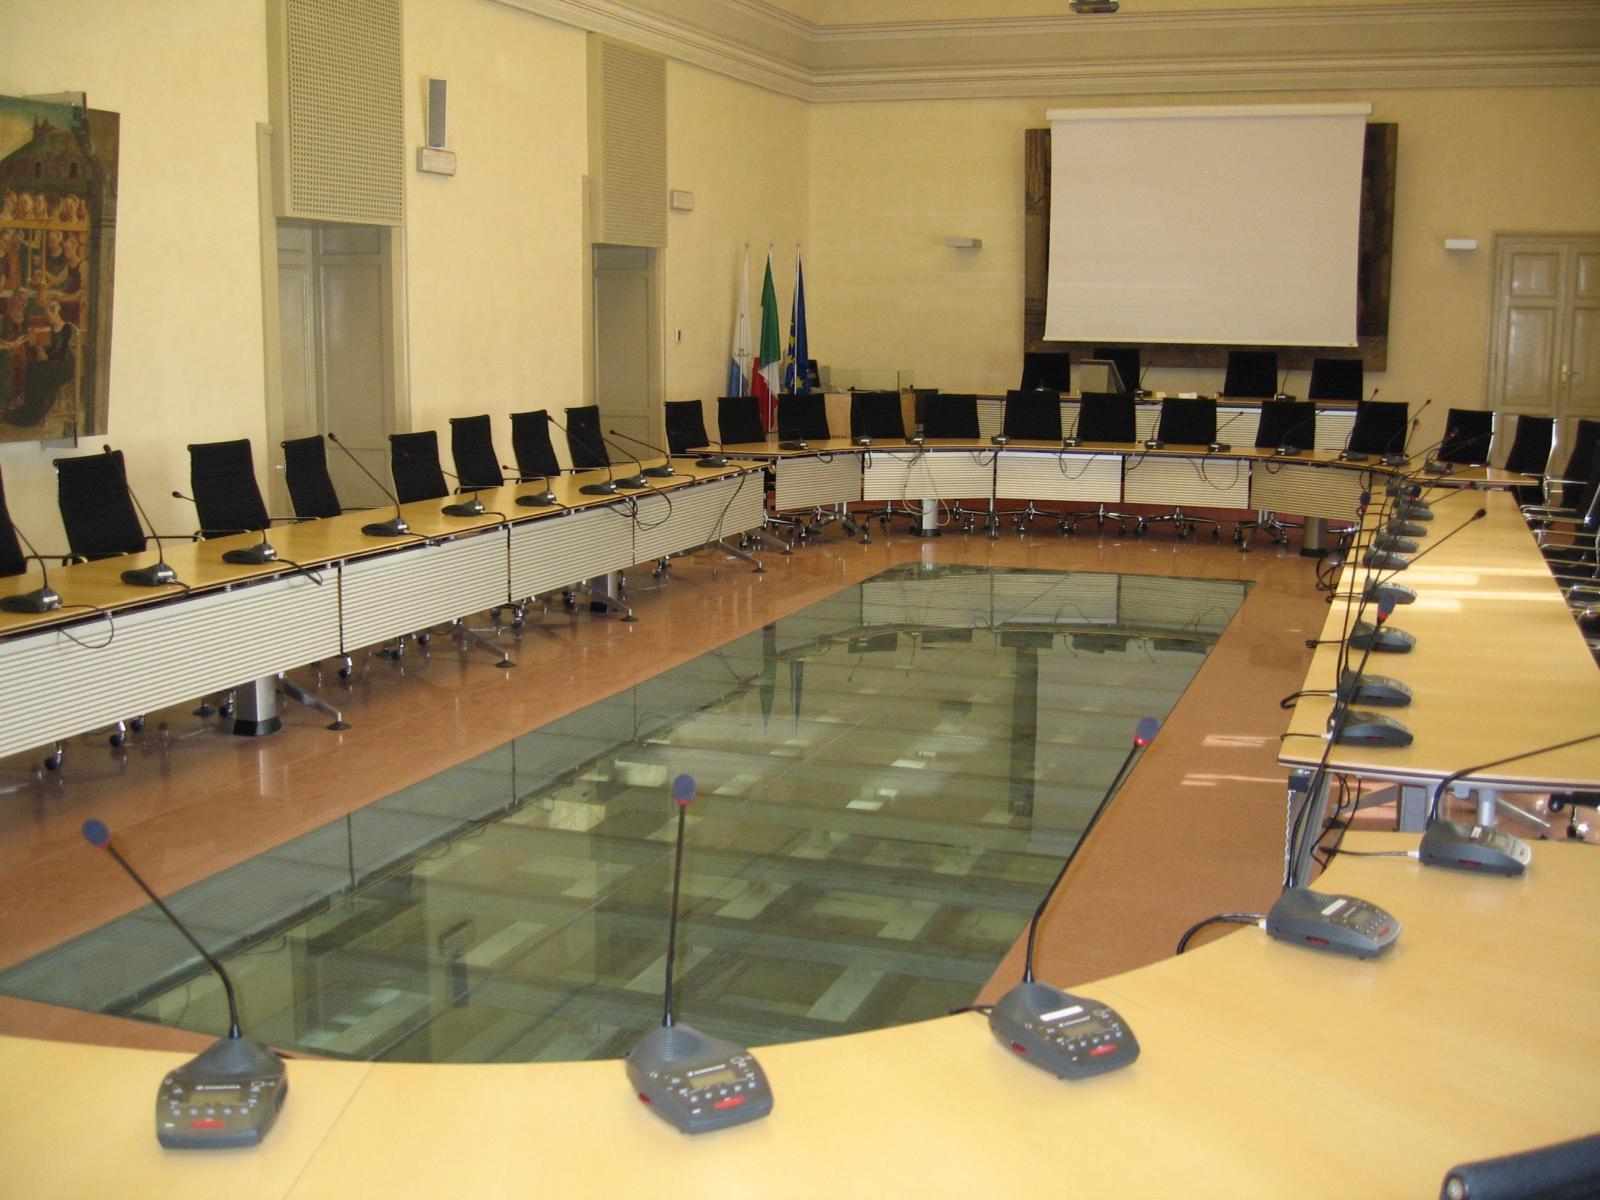 La sala del Consiglio provinciale in Castello Estense